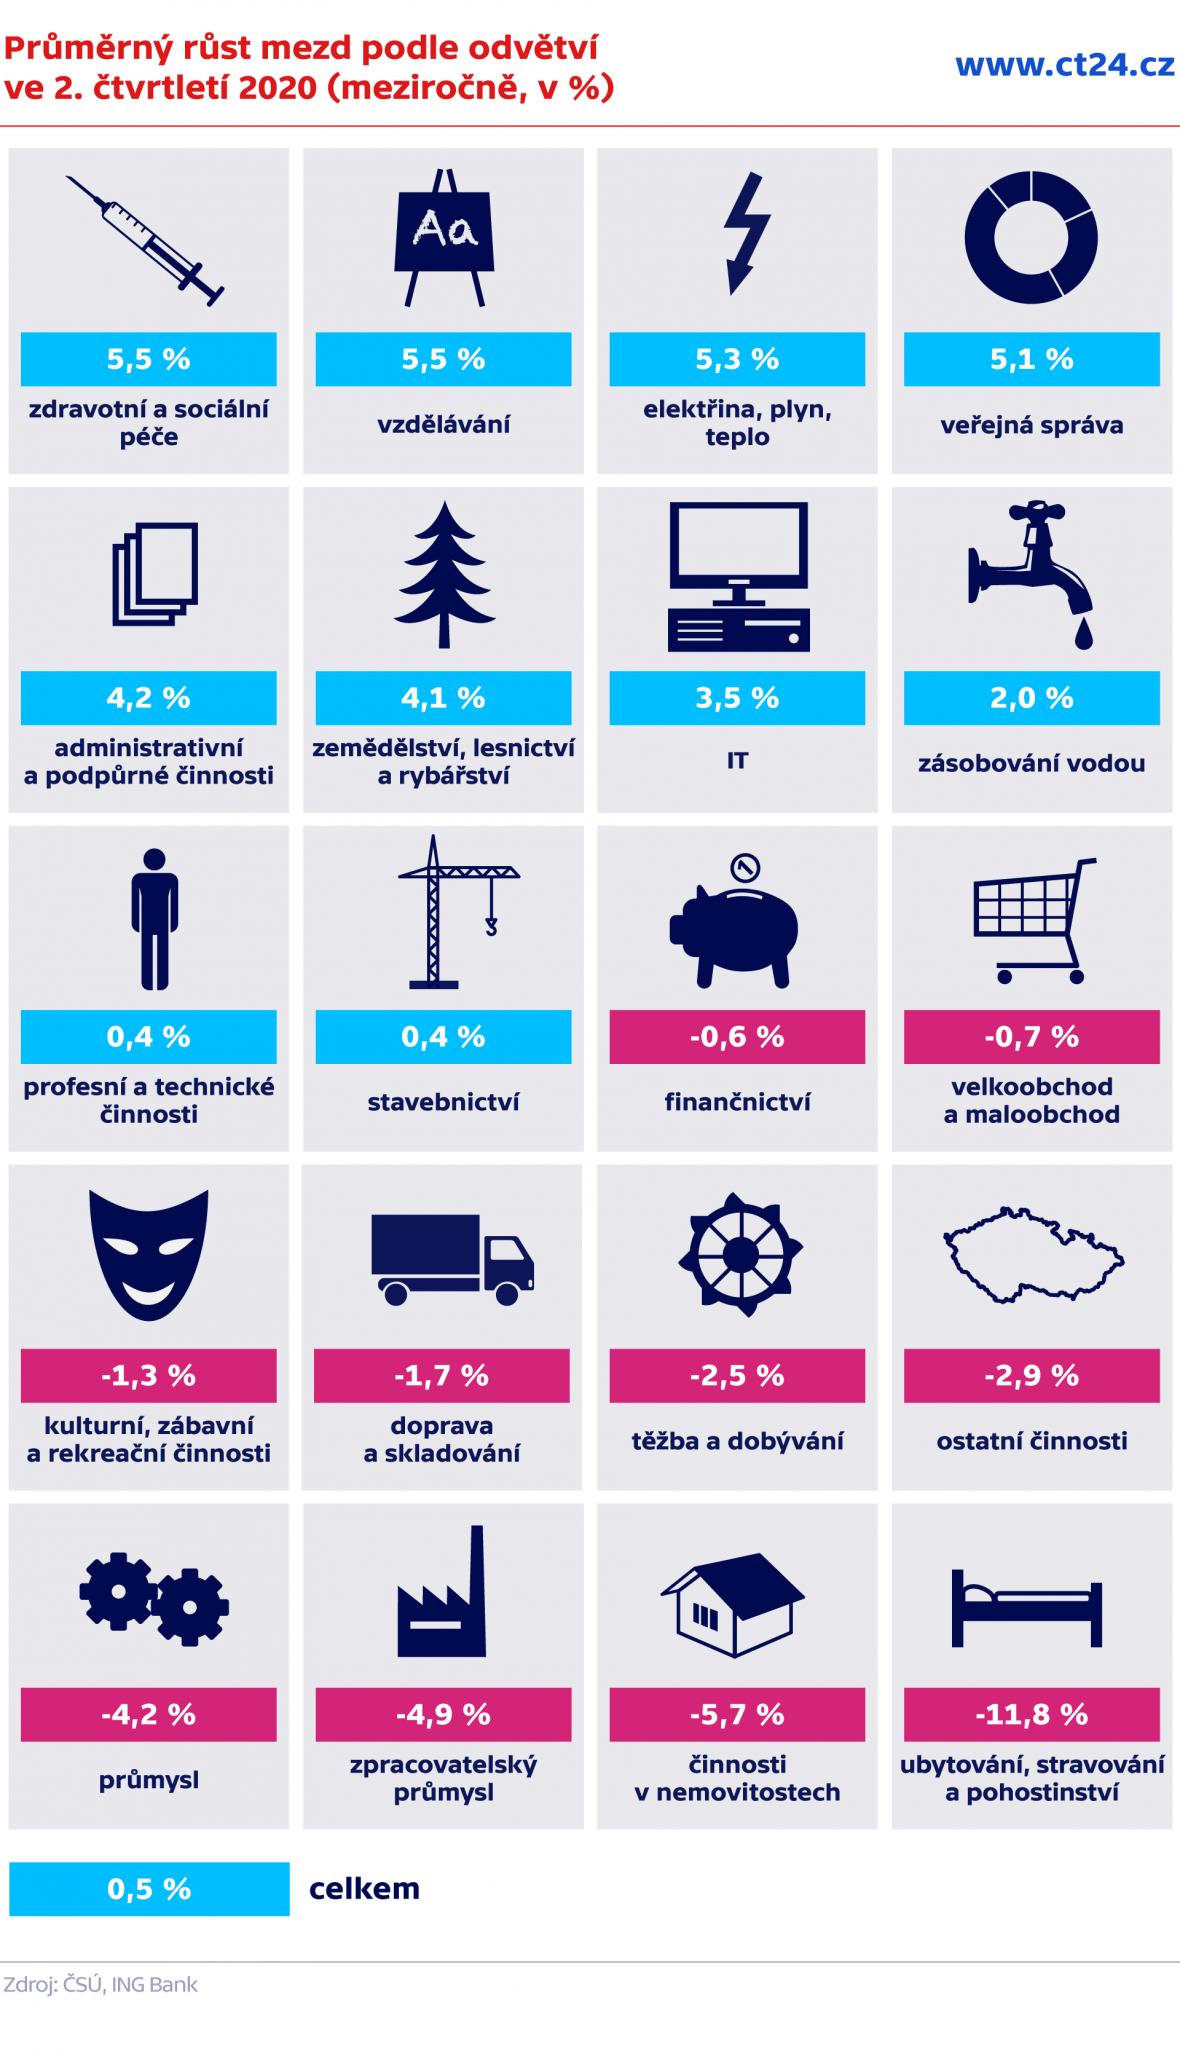 Průměrný růst mezd podle odvětví ve 2. čtvrtletí 2020 (meziročně, v %)